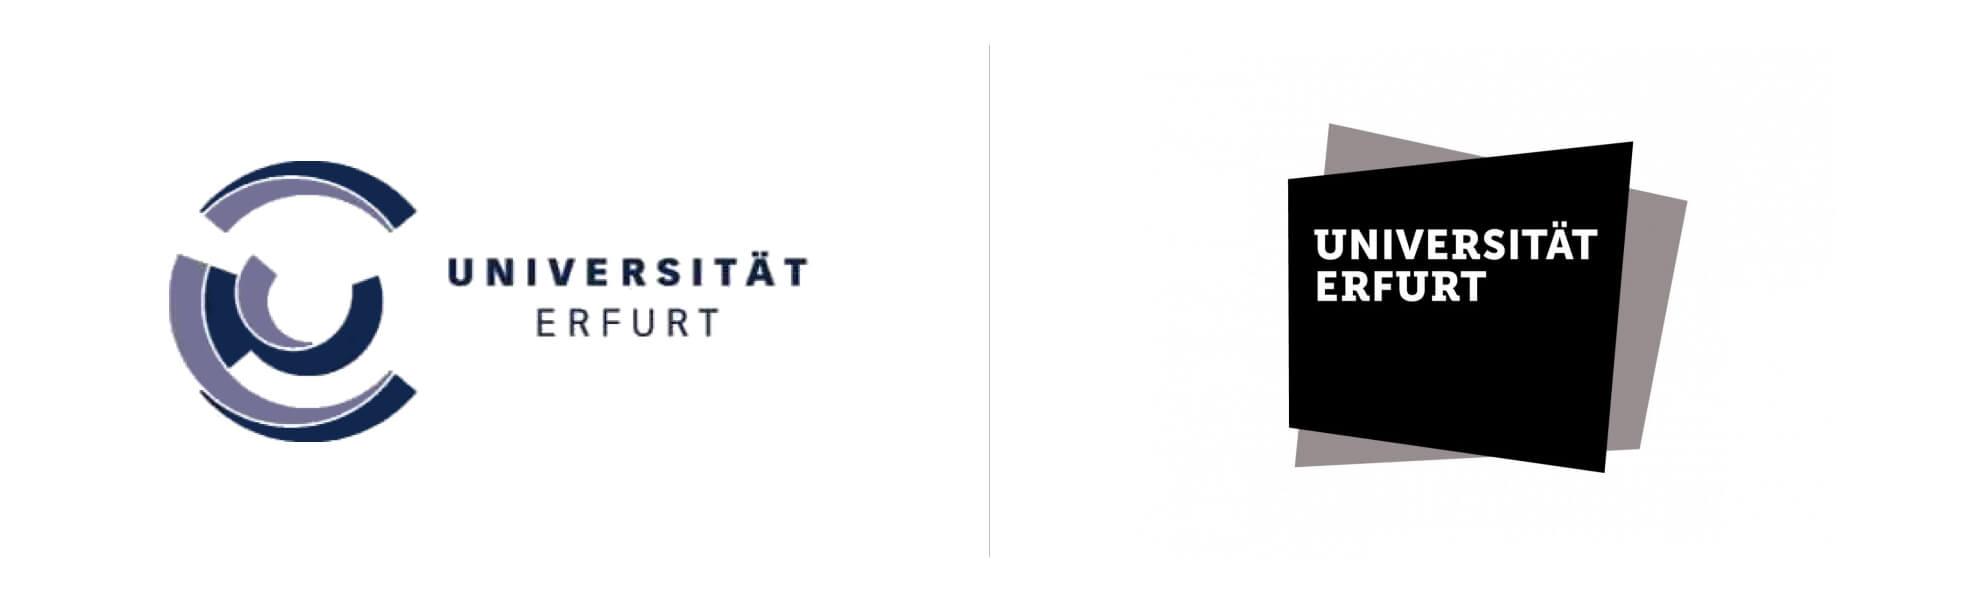 Universität Erfurt nowe istare logo